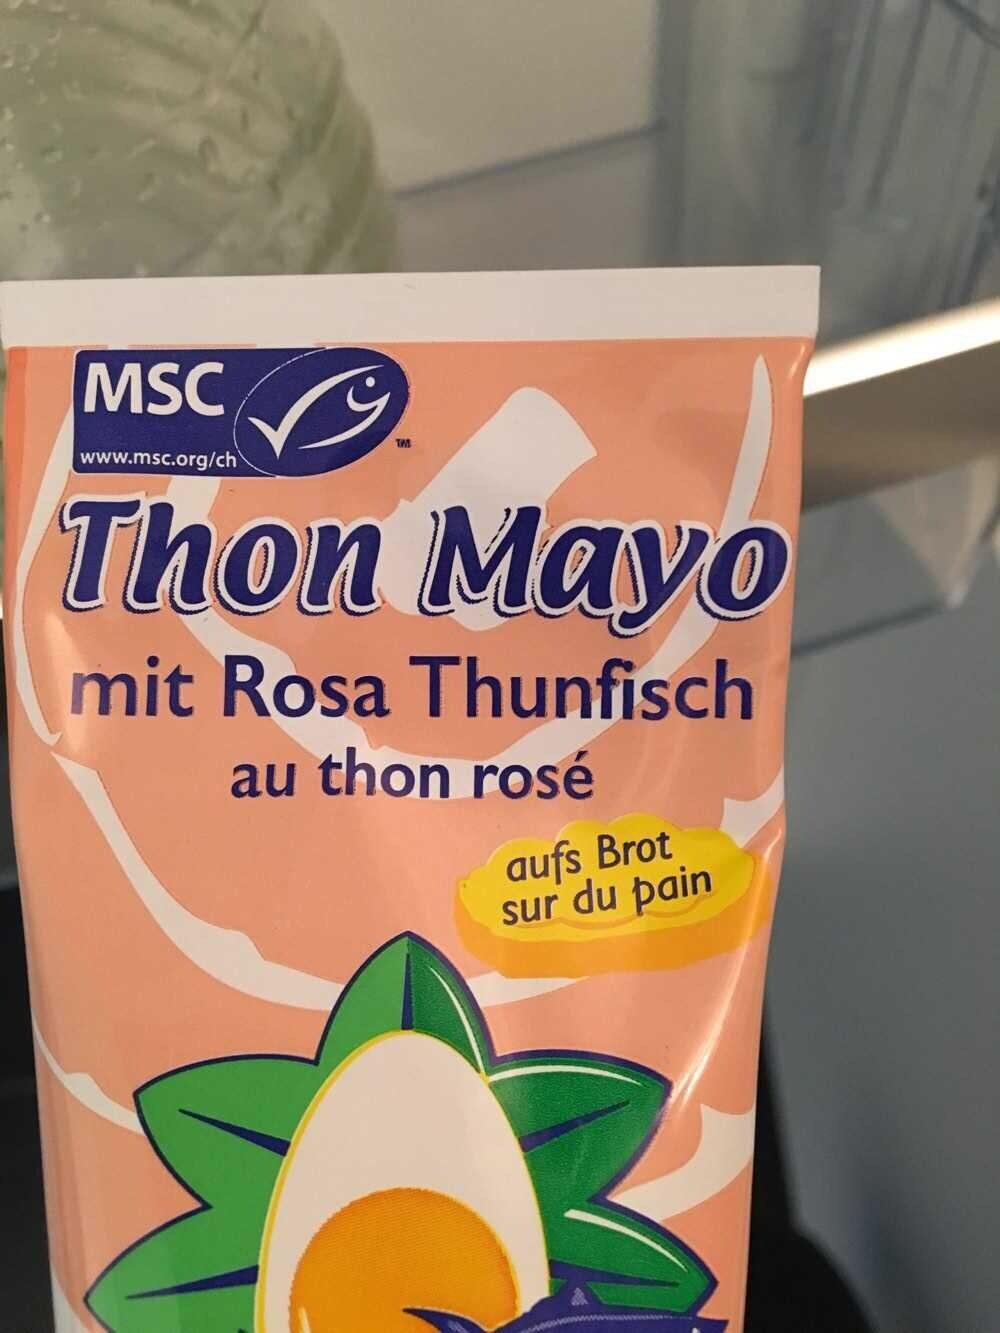 Thon mayo - Product - en